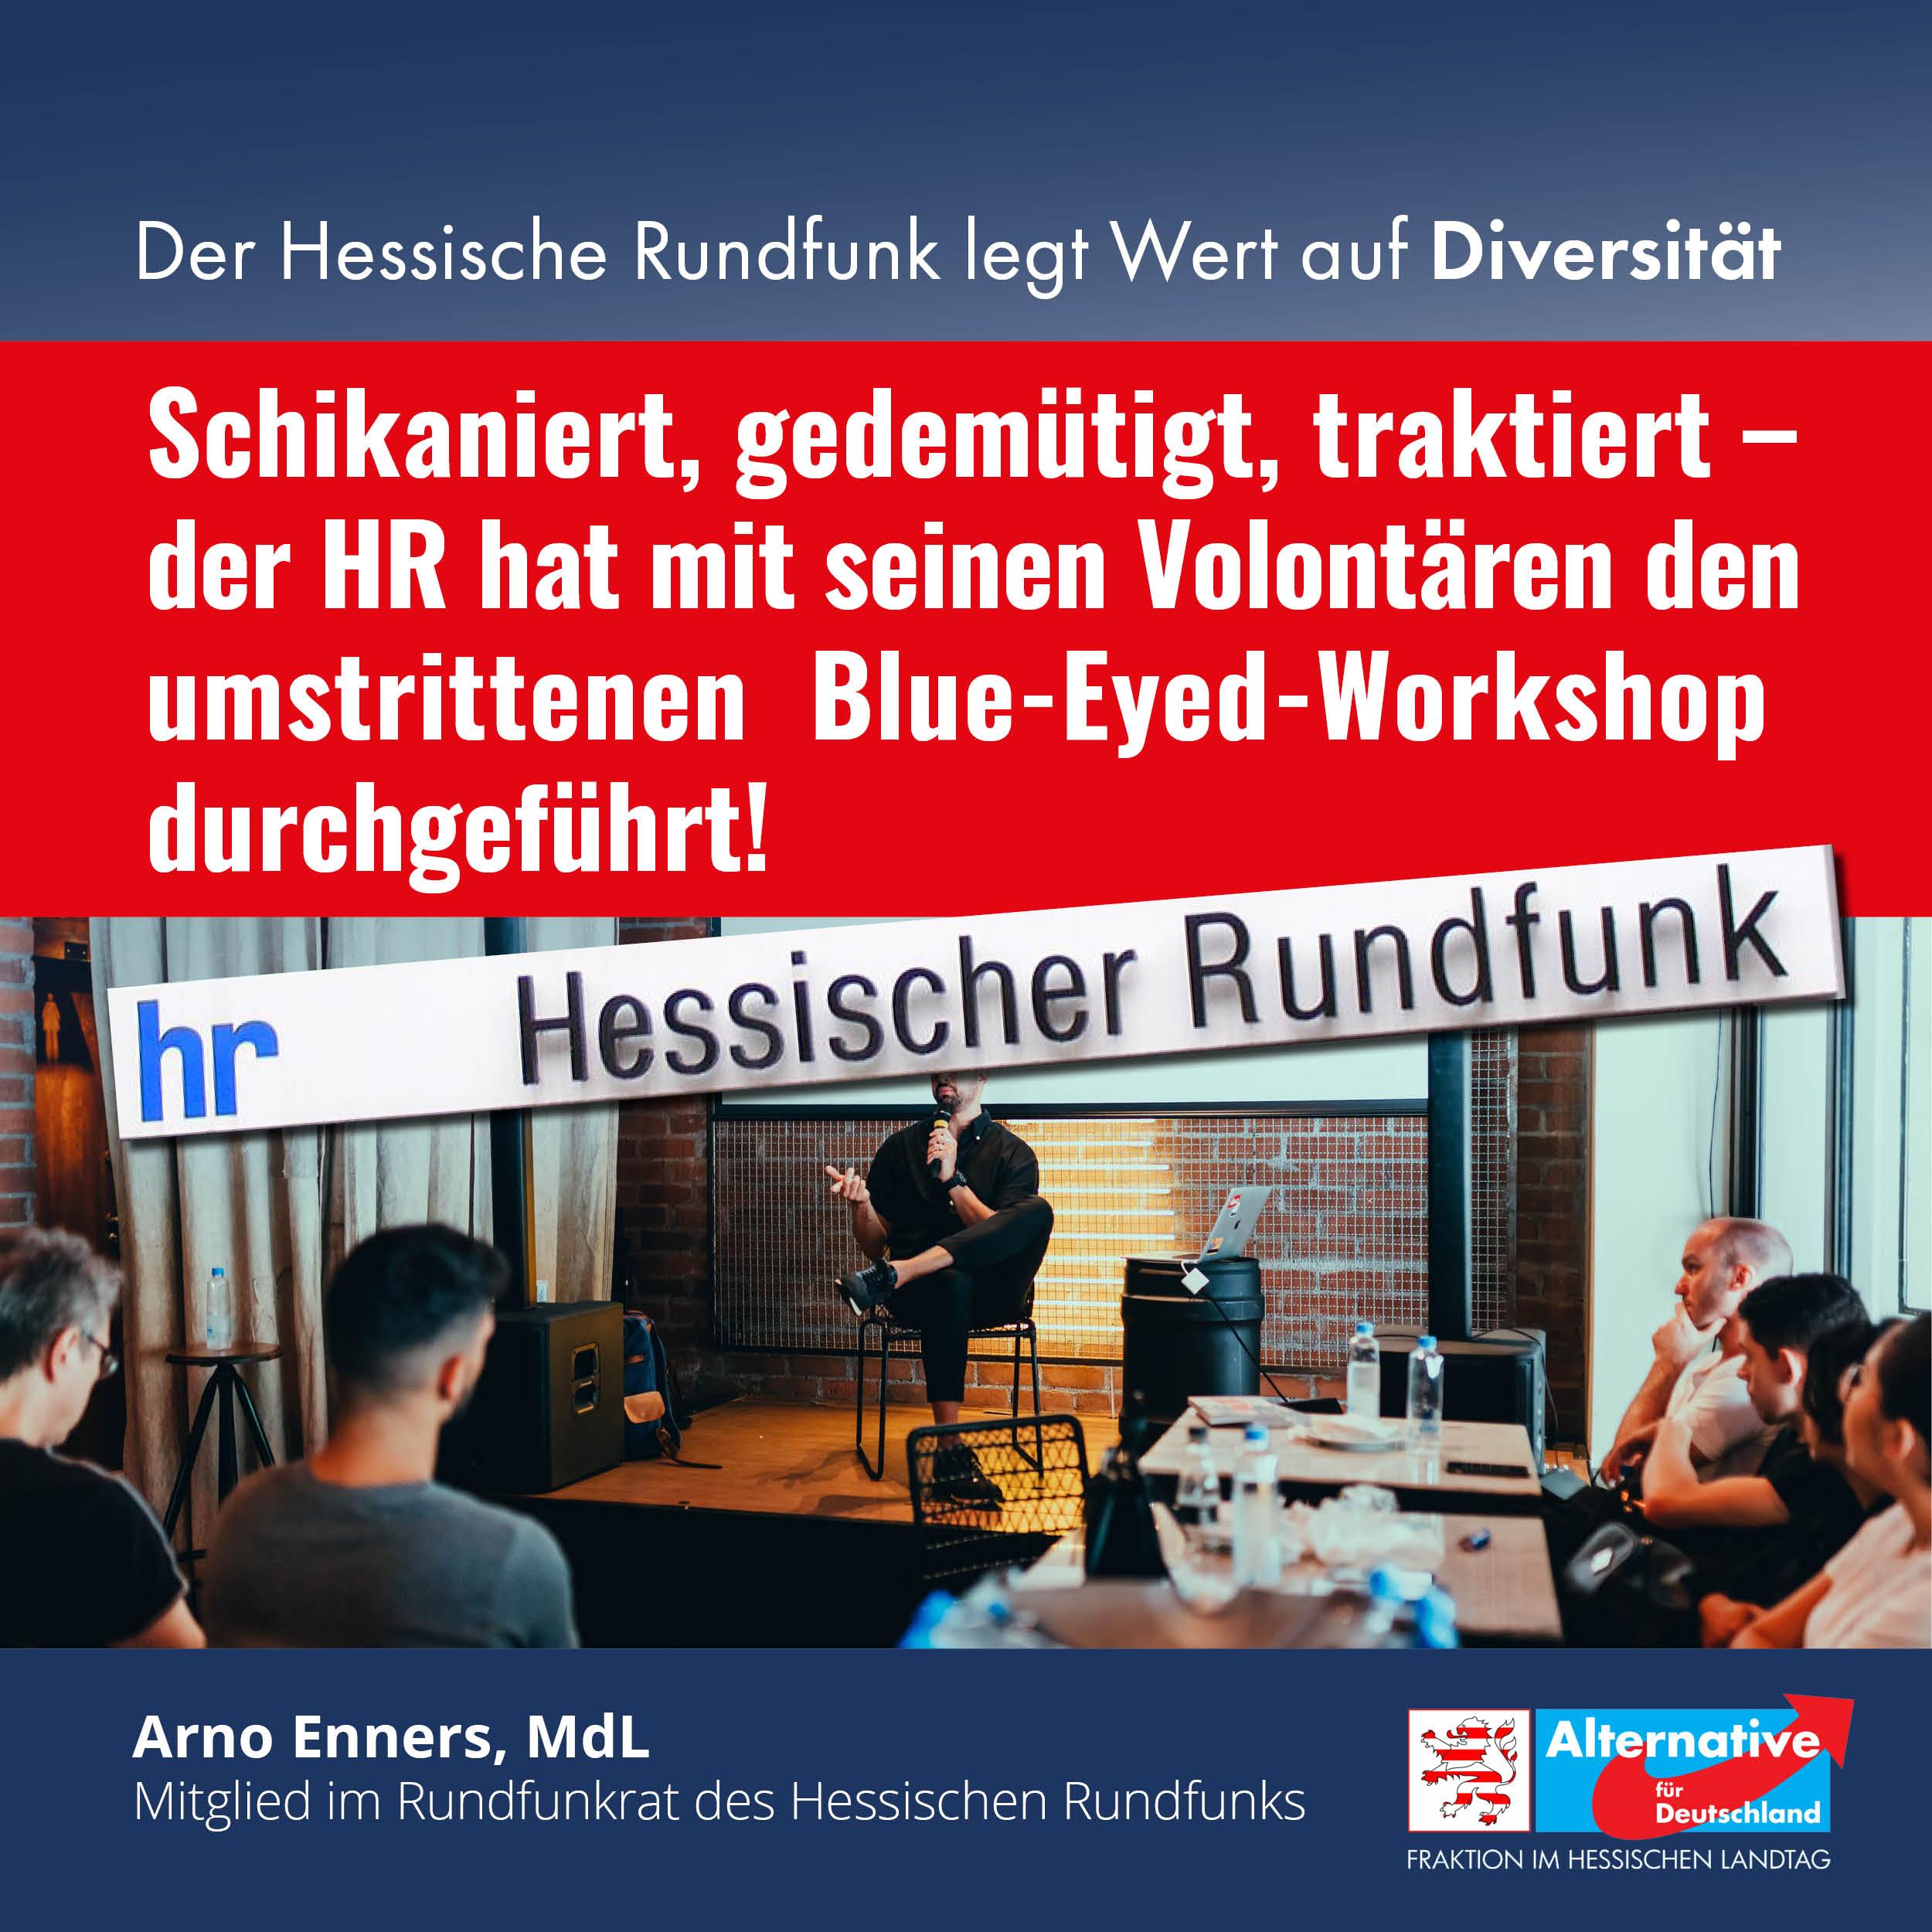 umstrittenen Blue-Eyed-Workshop